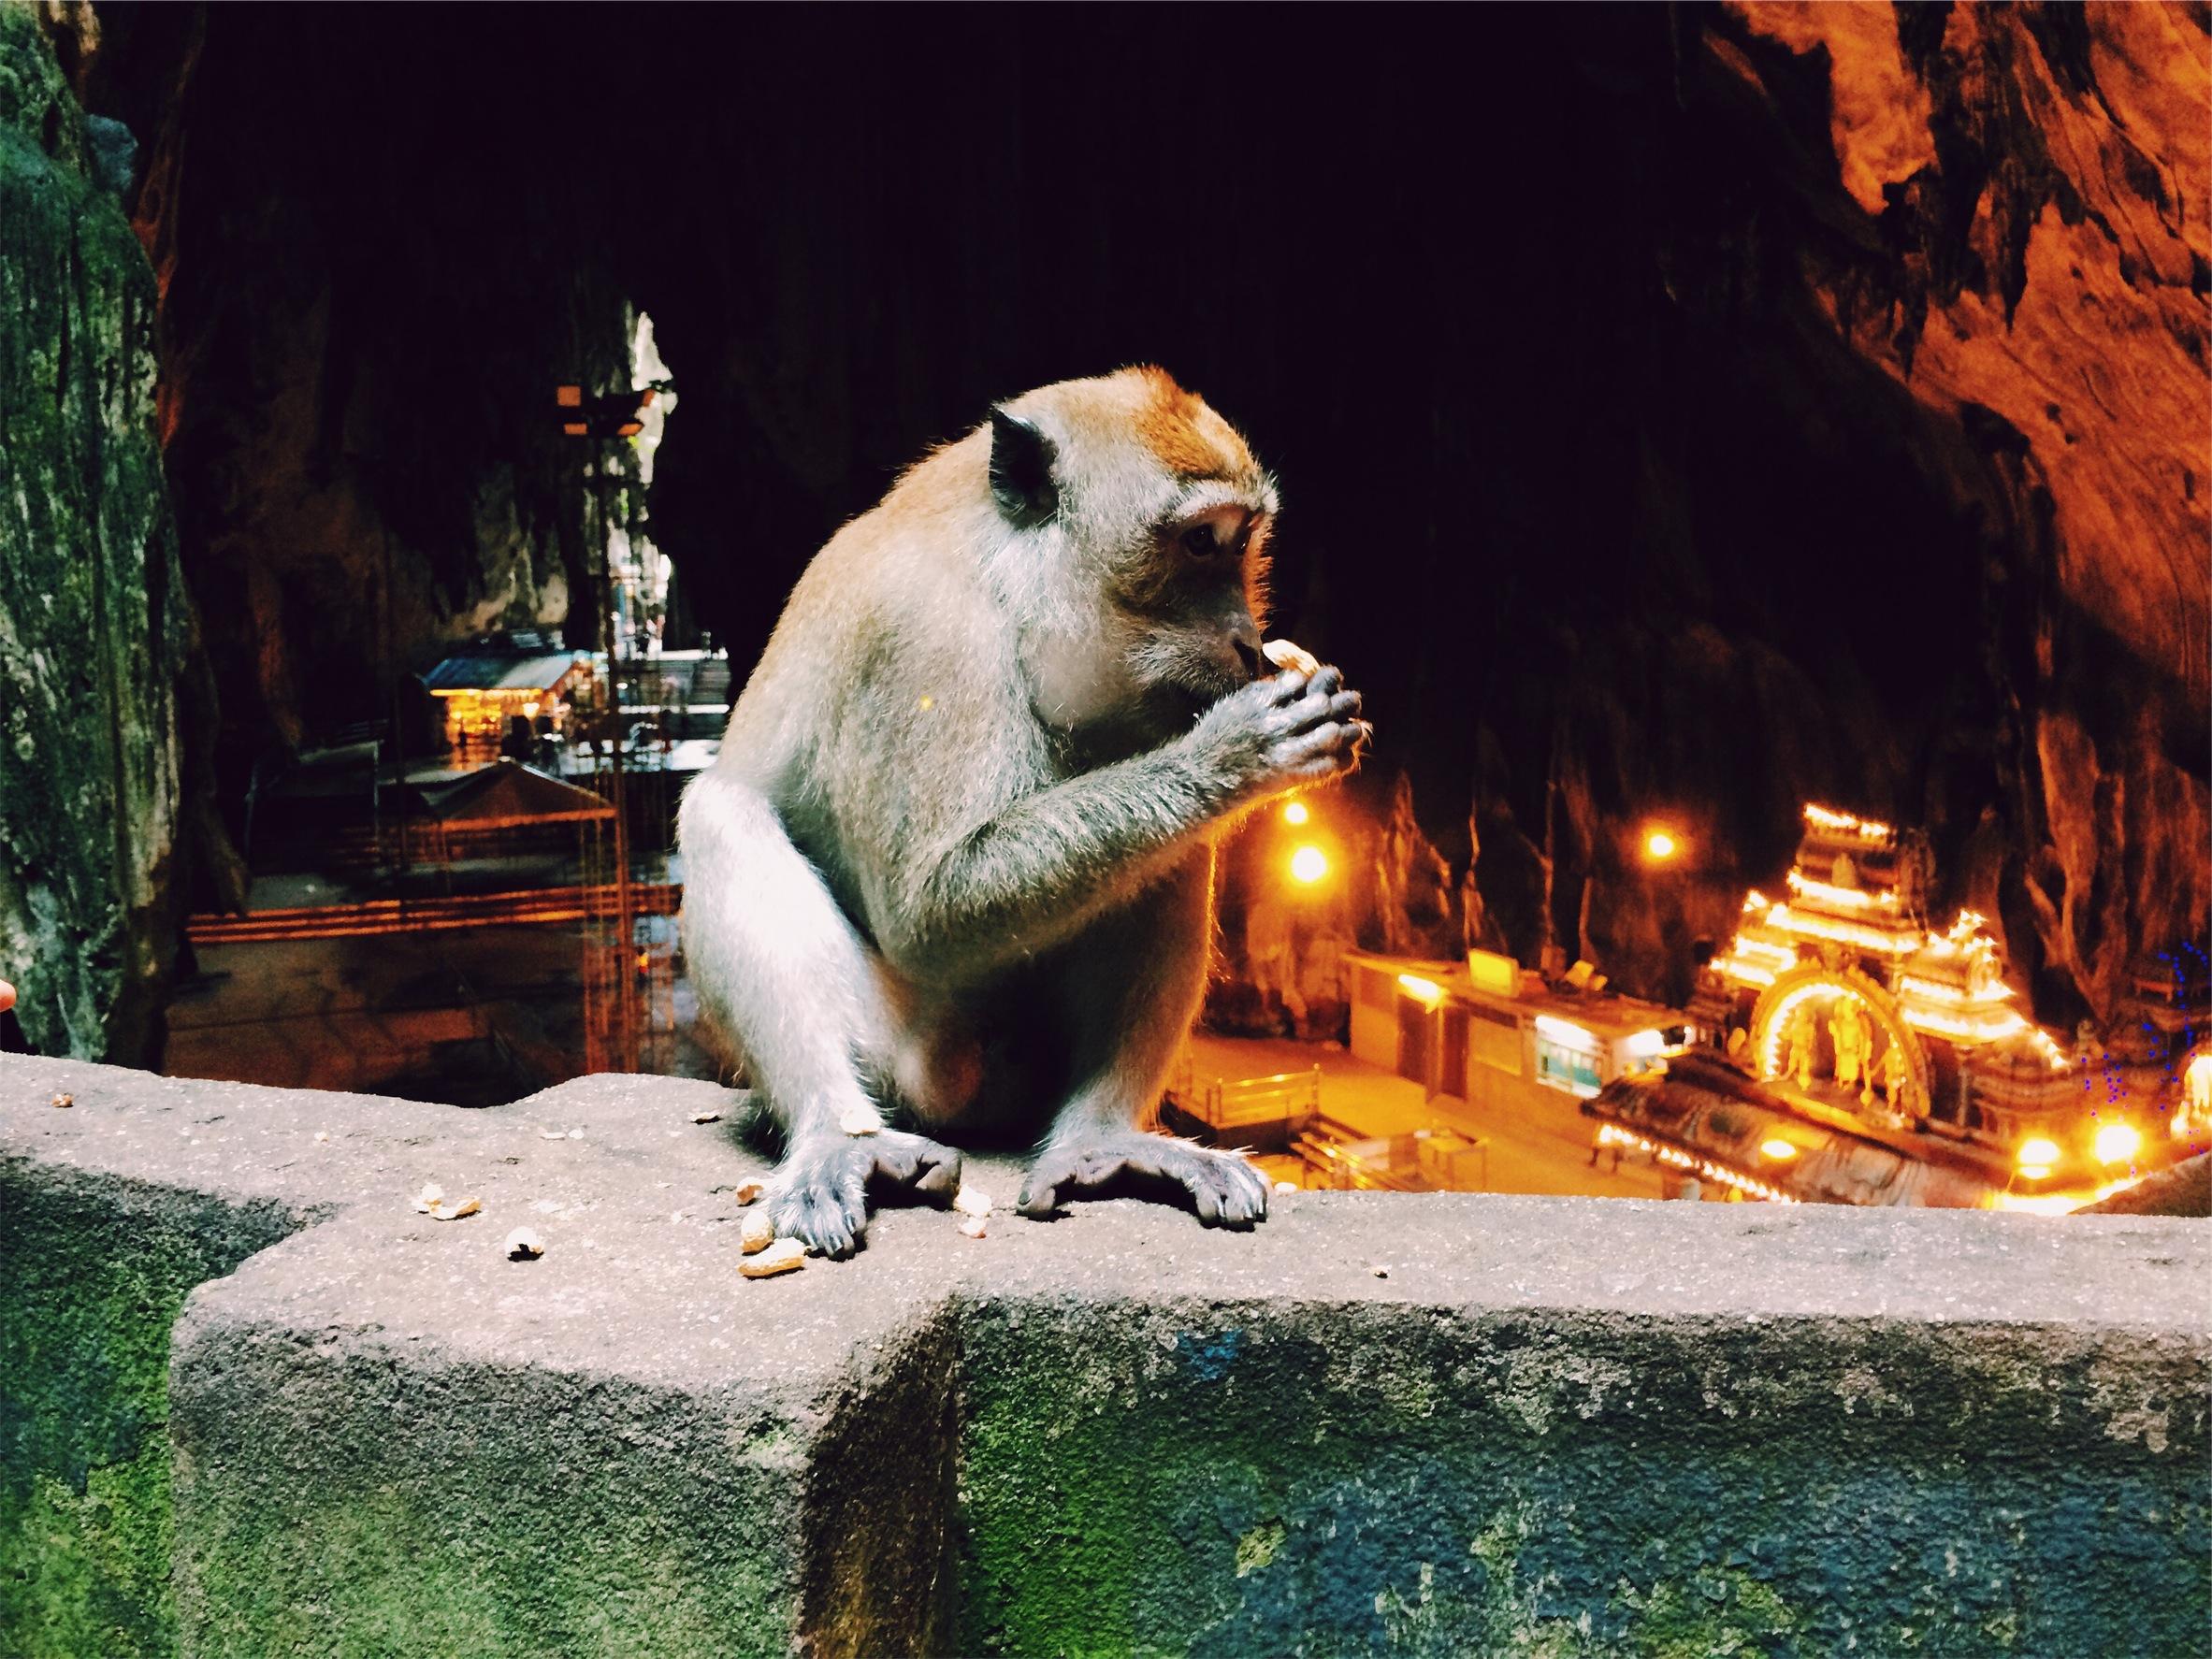 【相手がチンパンジーだと思うことにしよう】きっと本当は仲がいい夫婦の喧嘩10選